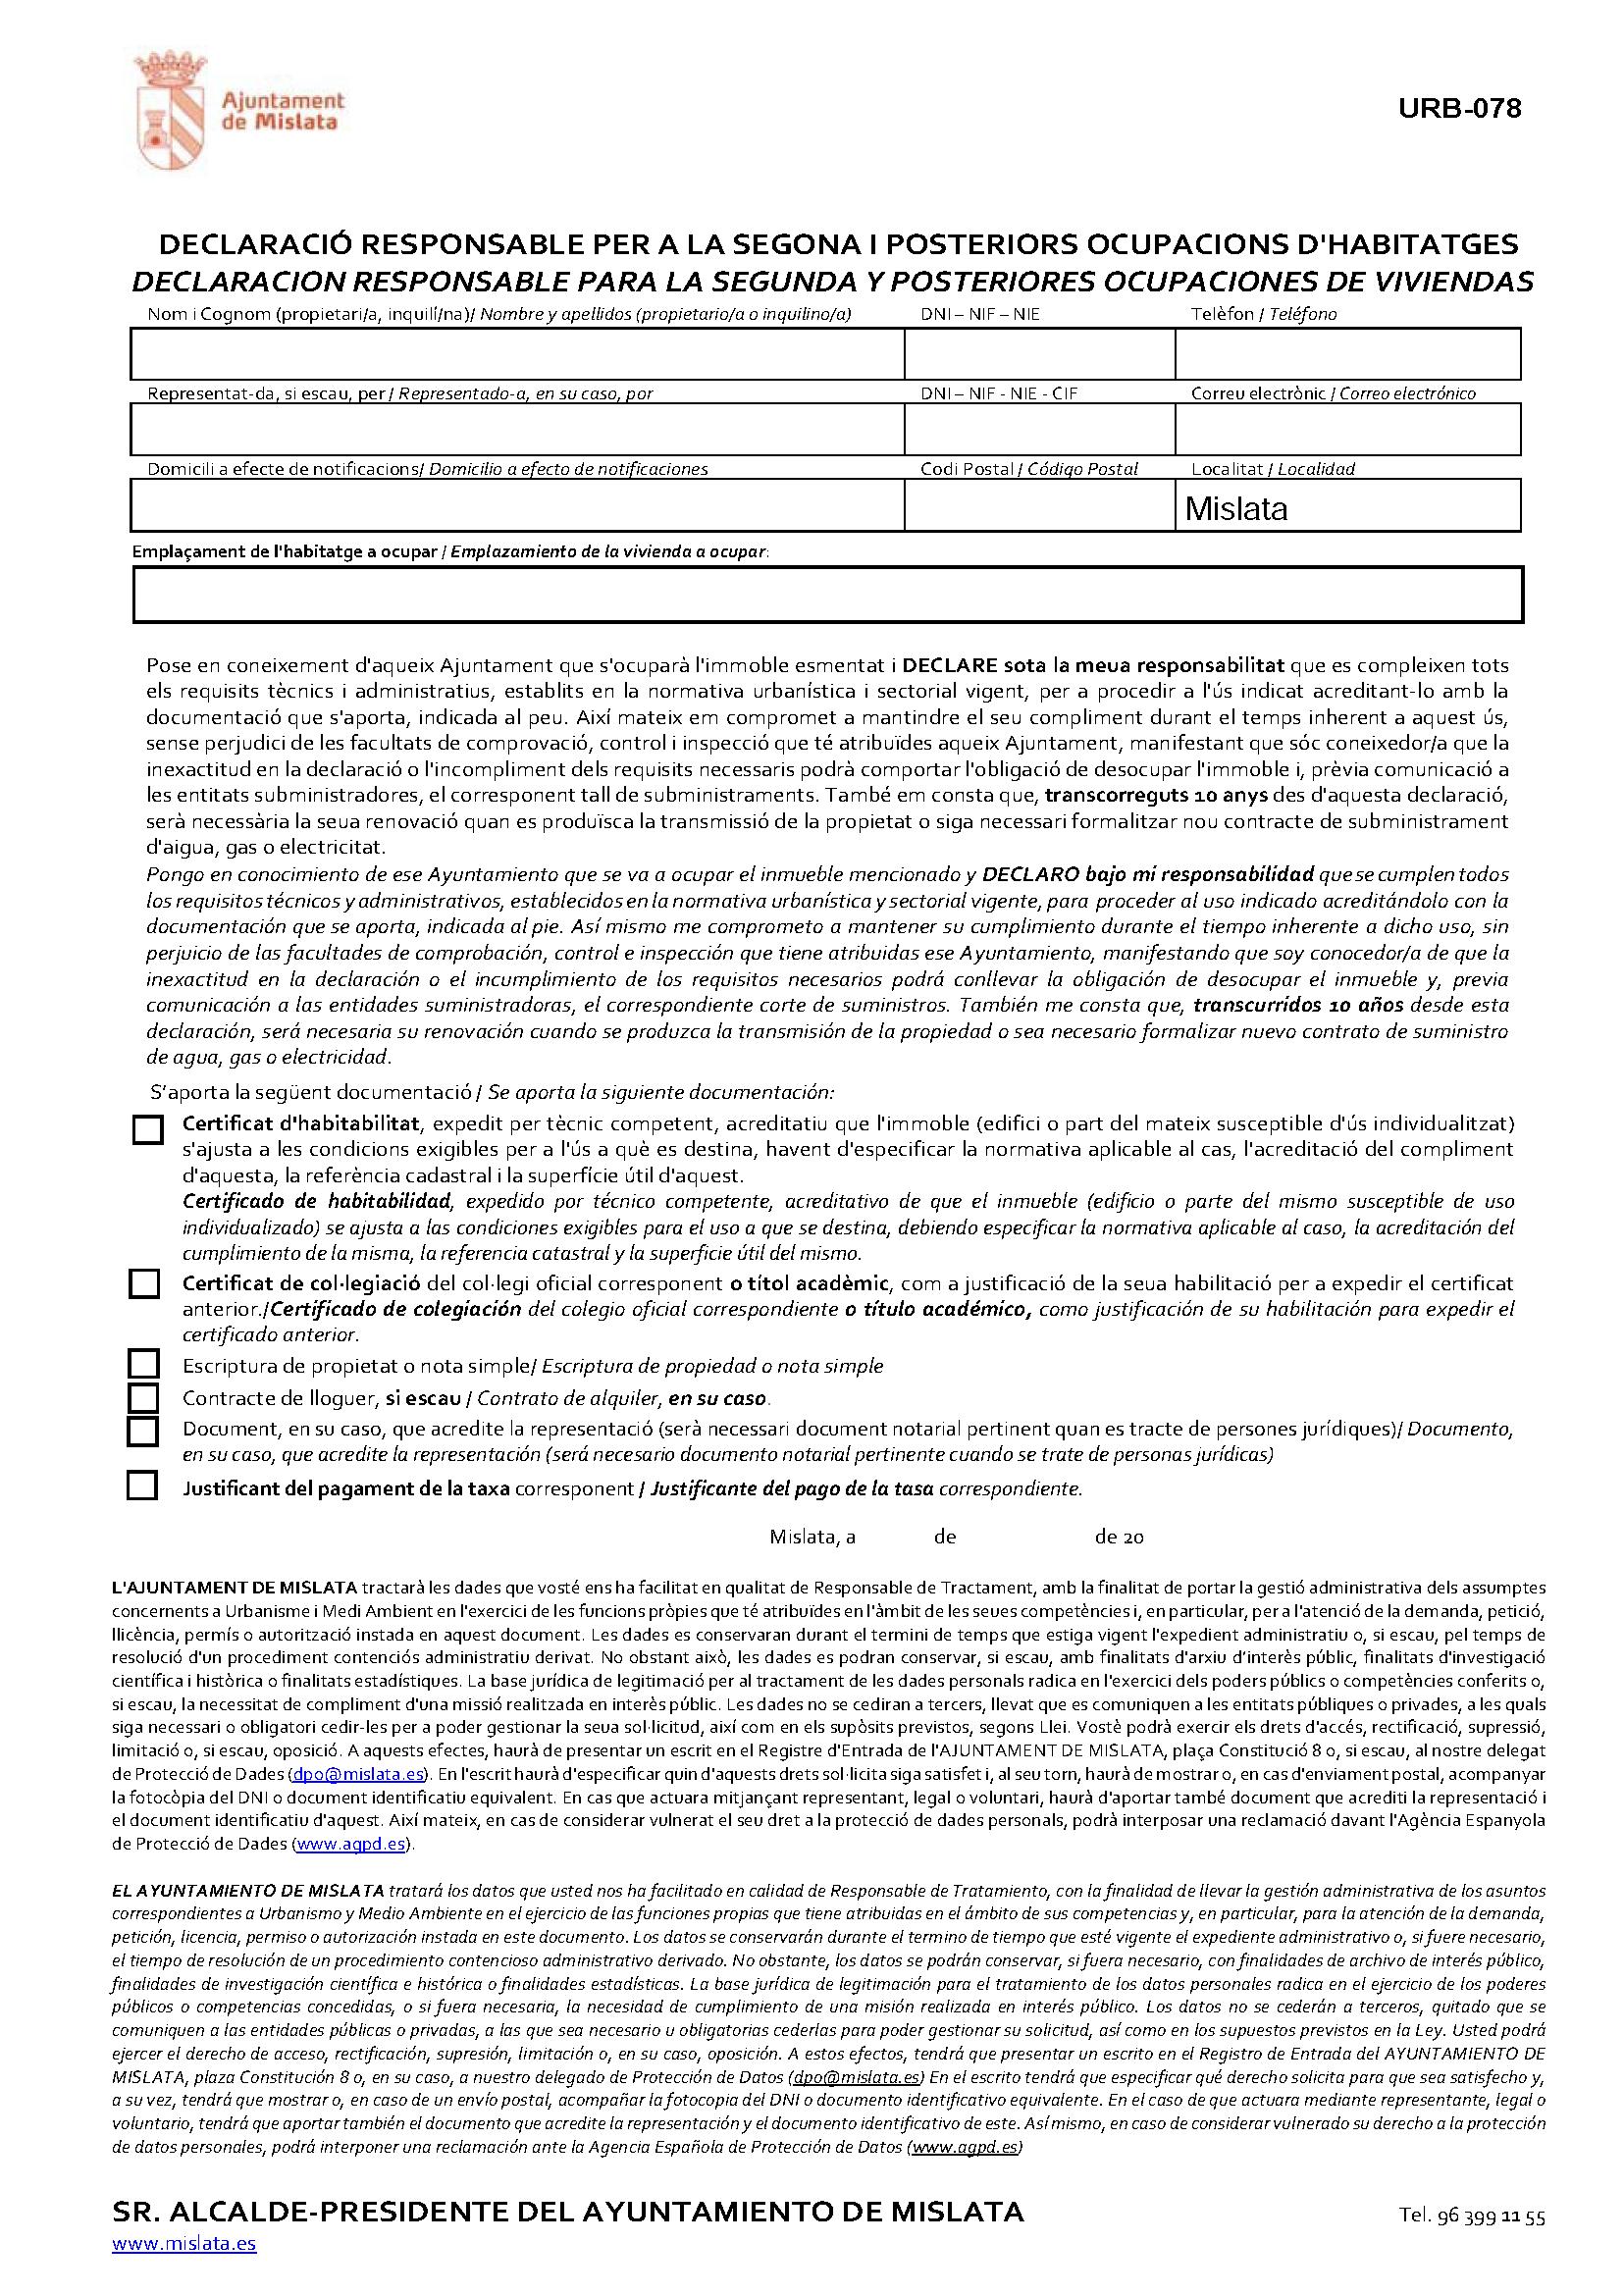 Impreso Declaración Responsable Segunda Ocupación Mislata